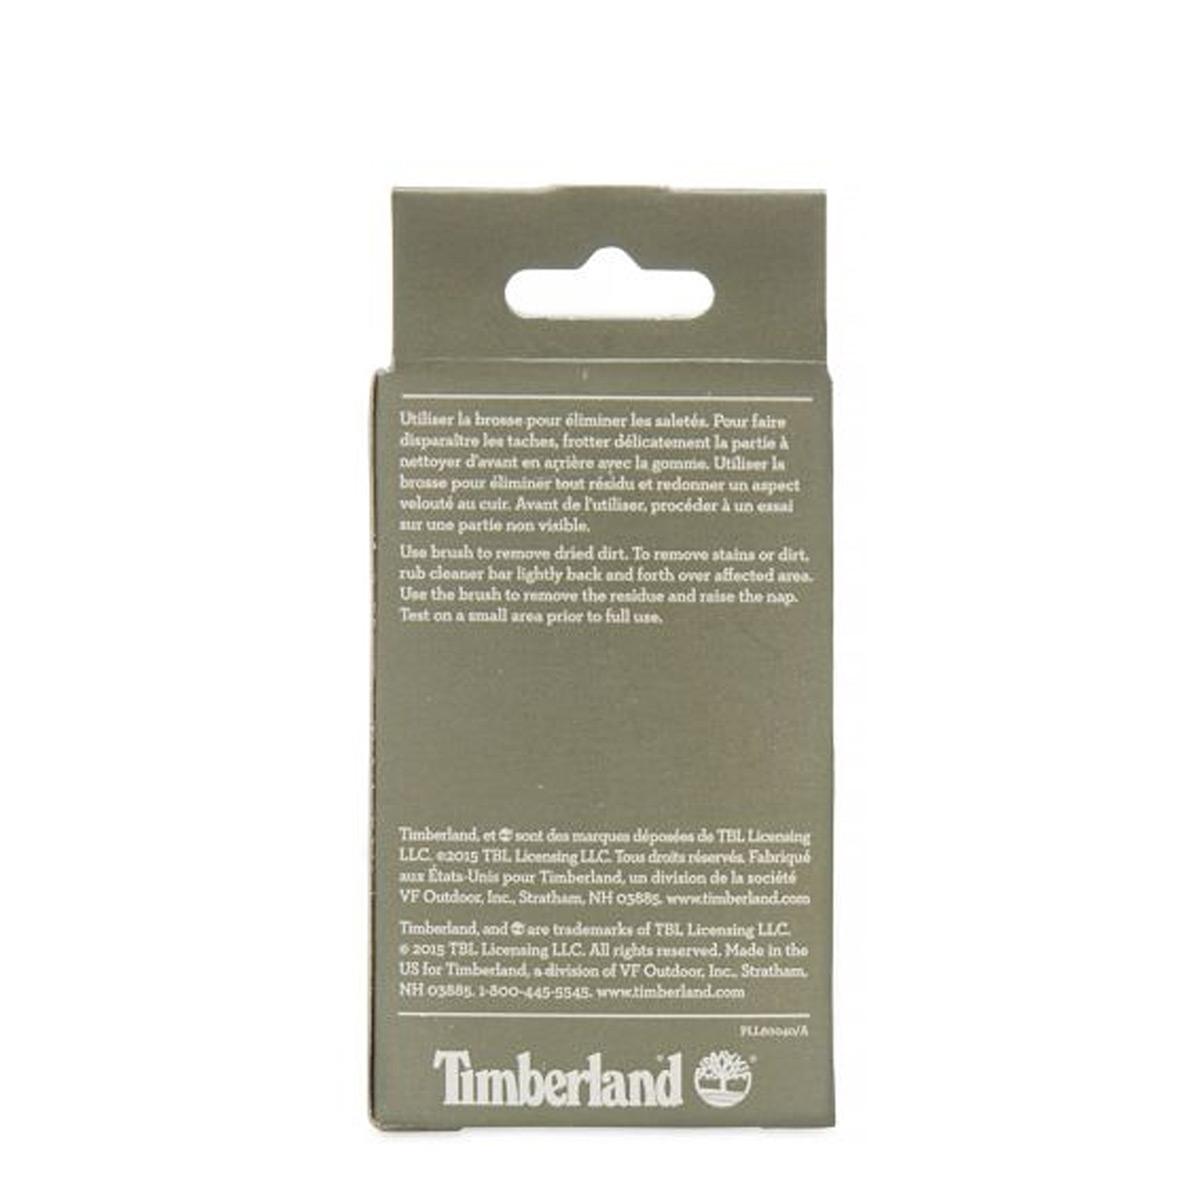 nettoyage timberland